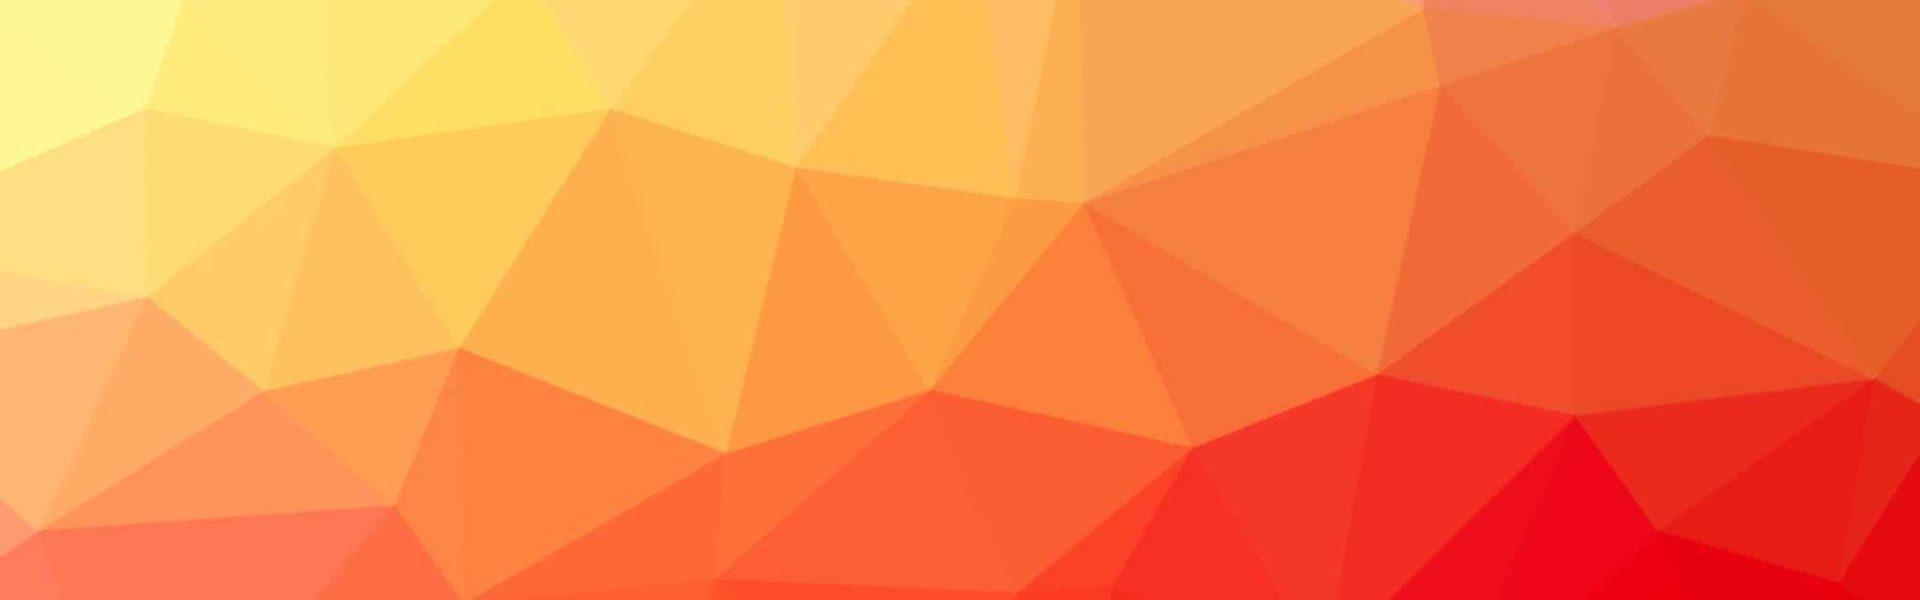 trianglify-background41-1920x600.jpg